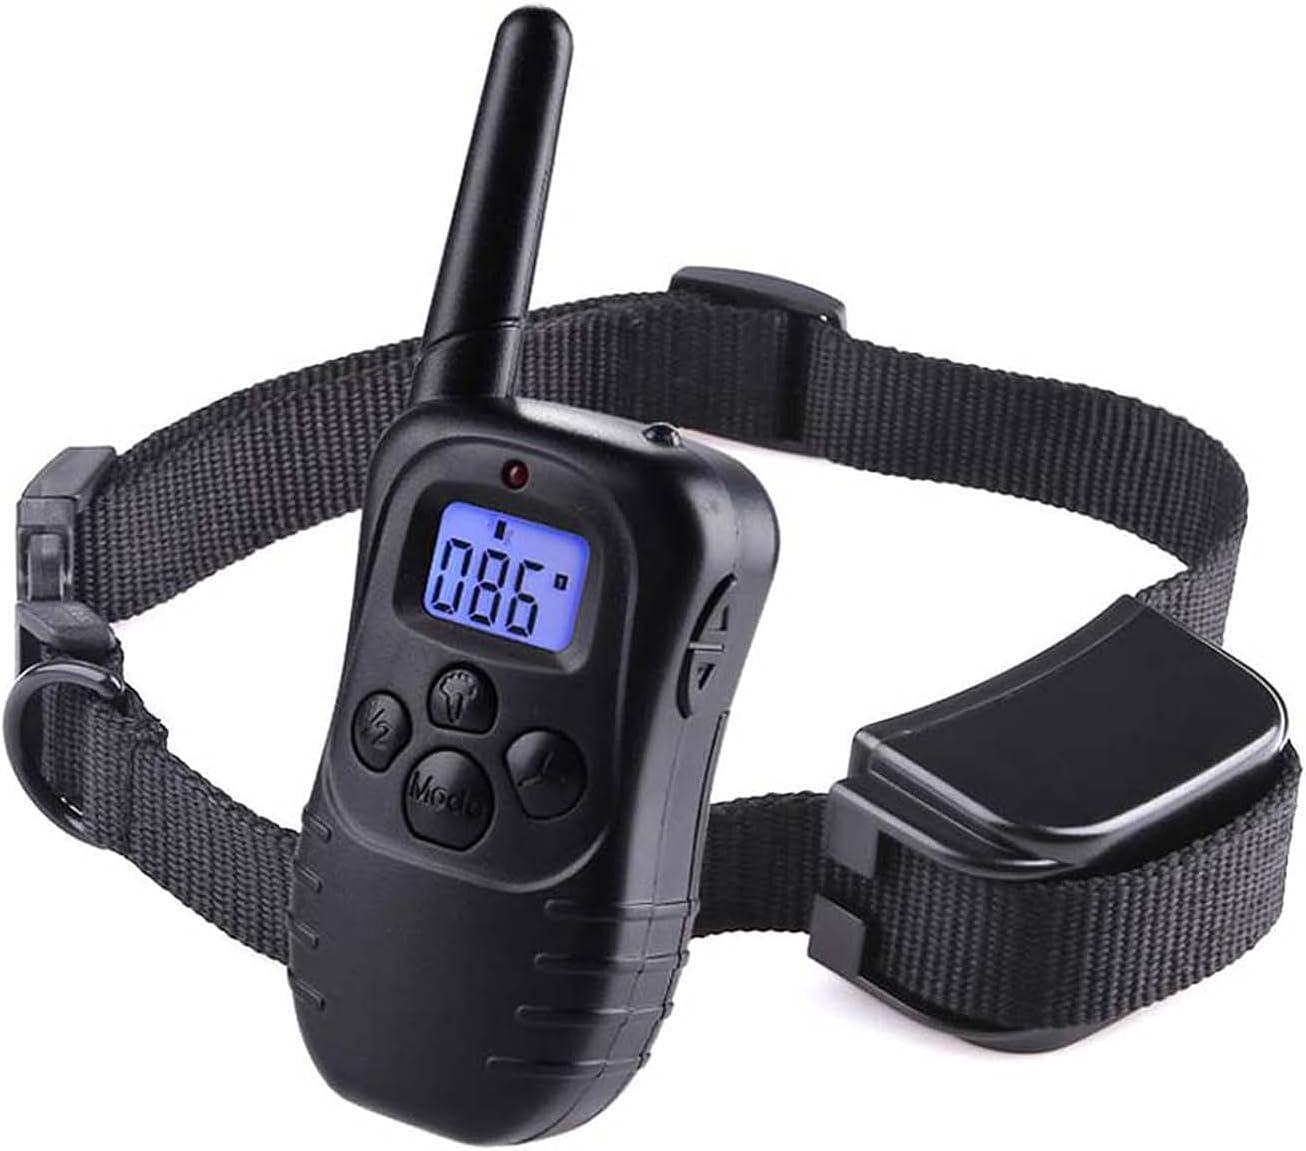 Collar de adiestramiento para perros Wodondog con vibración y sonido por 30,59€ ¡¡19% de descuento!!